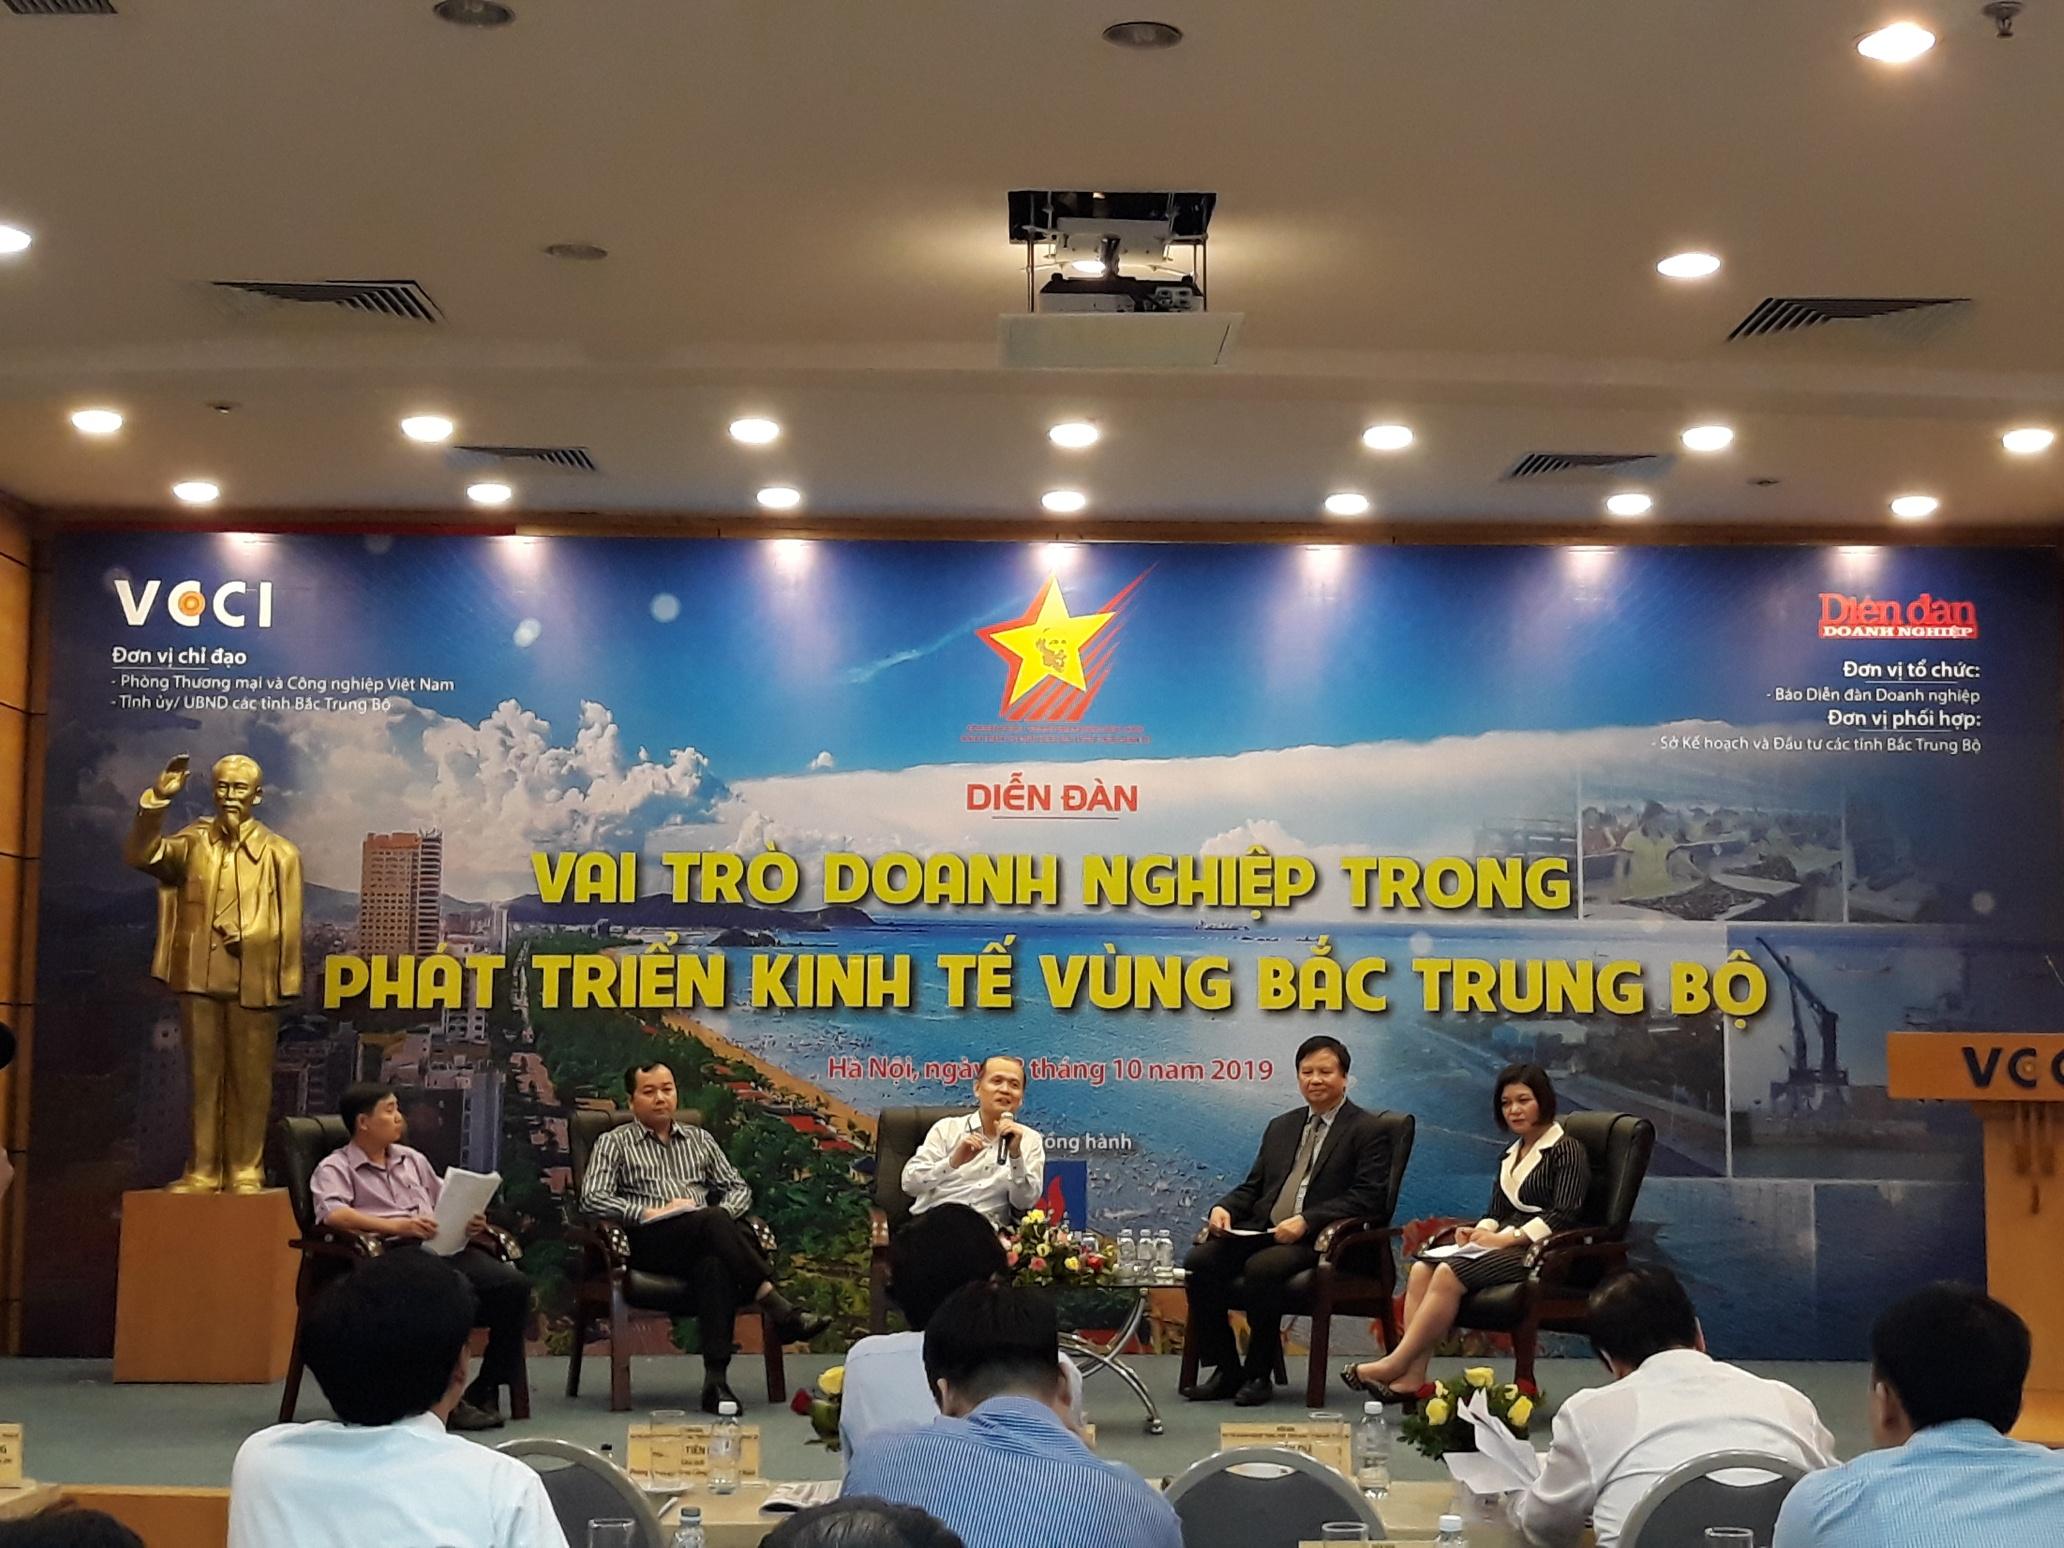 Phát triển kinh tế vùng Bắc Trung bộ cho tương xứng với tiềm năng và thế mạnh